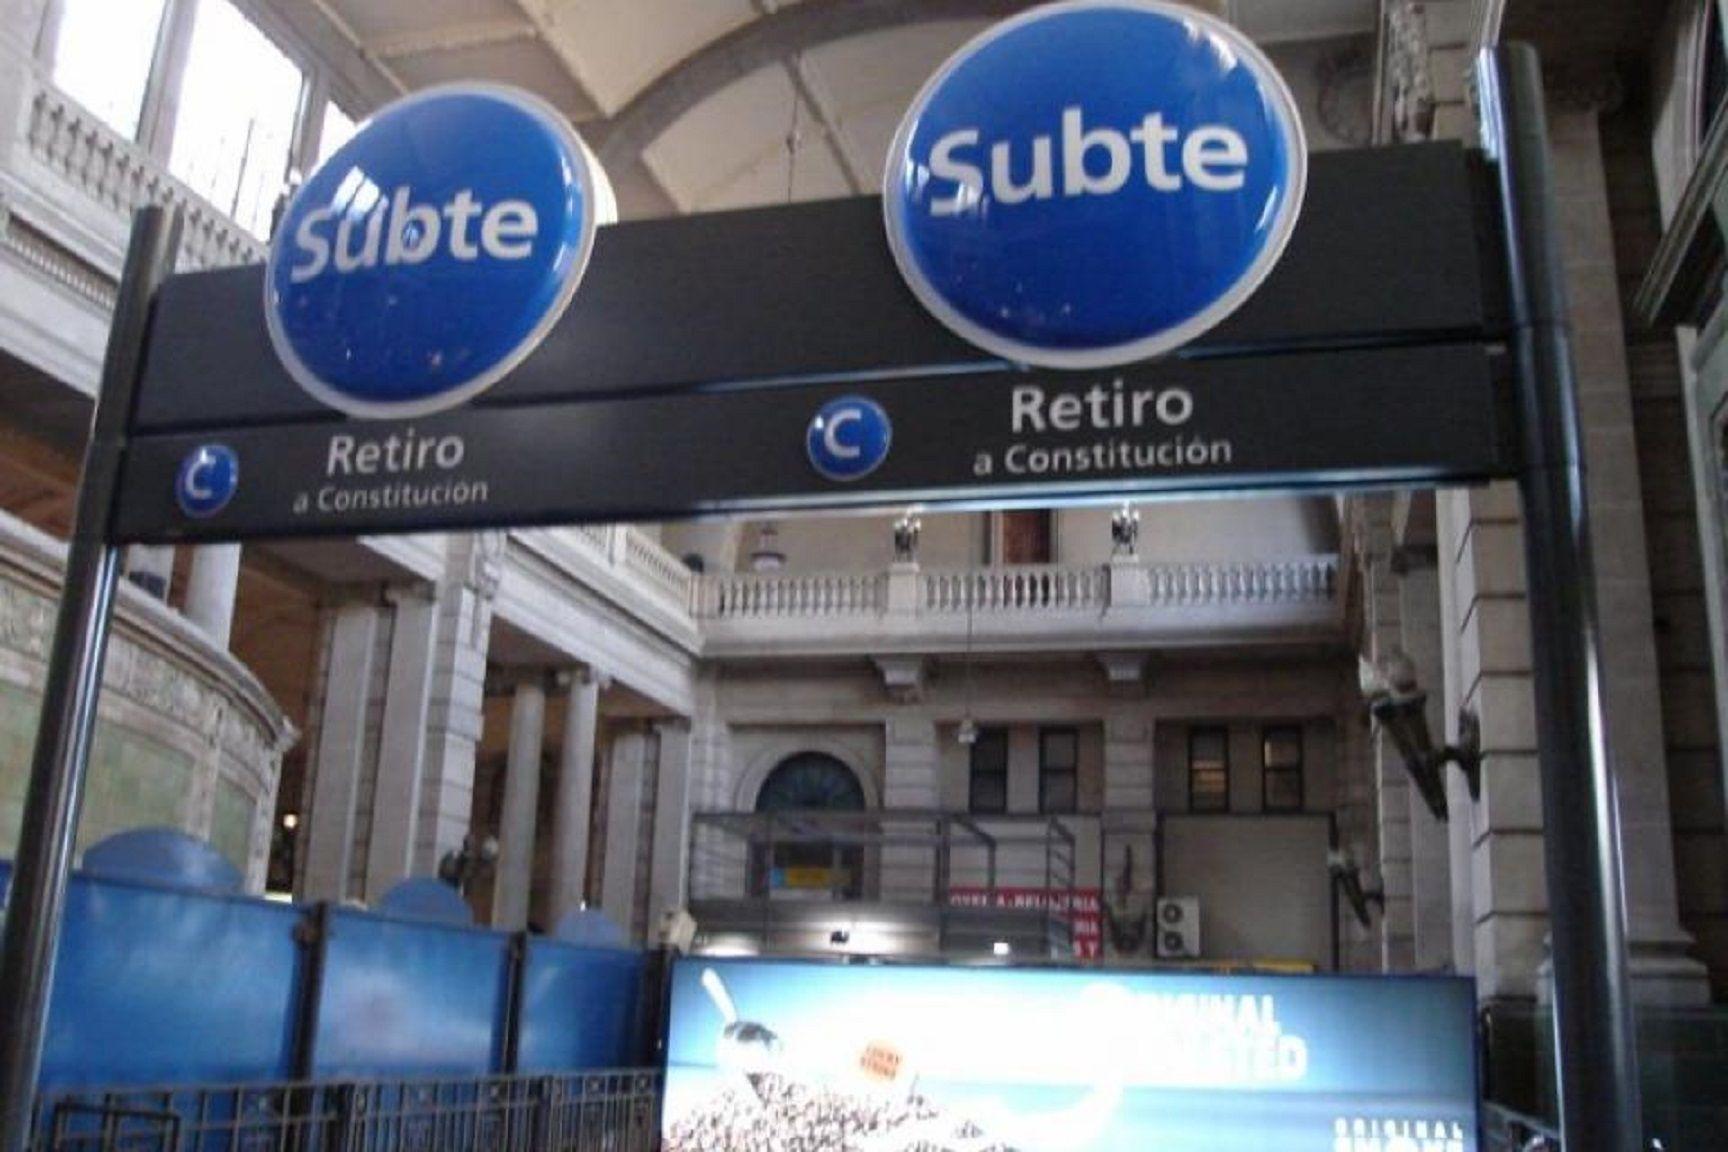 Este sábado deja de funcionar la Línea C de Subte: qué alternativas hay